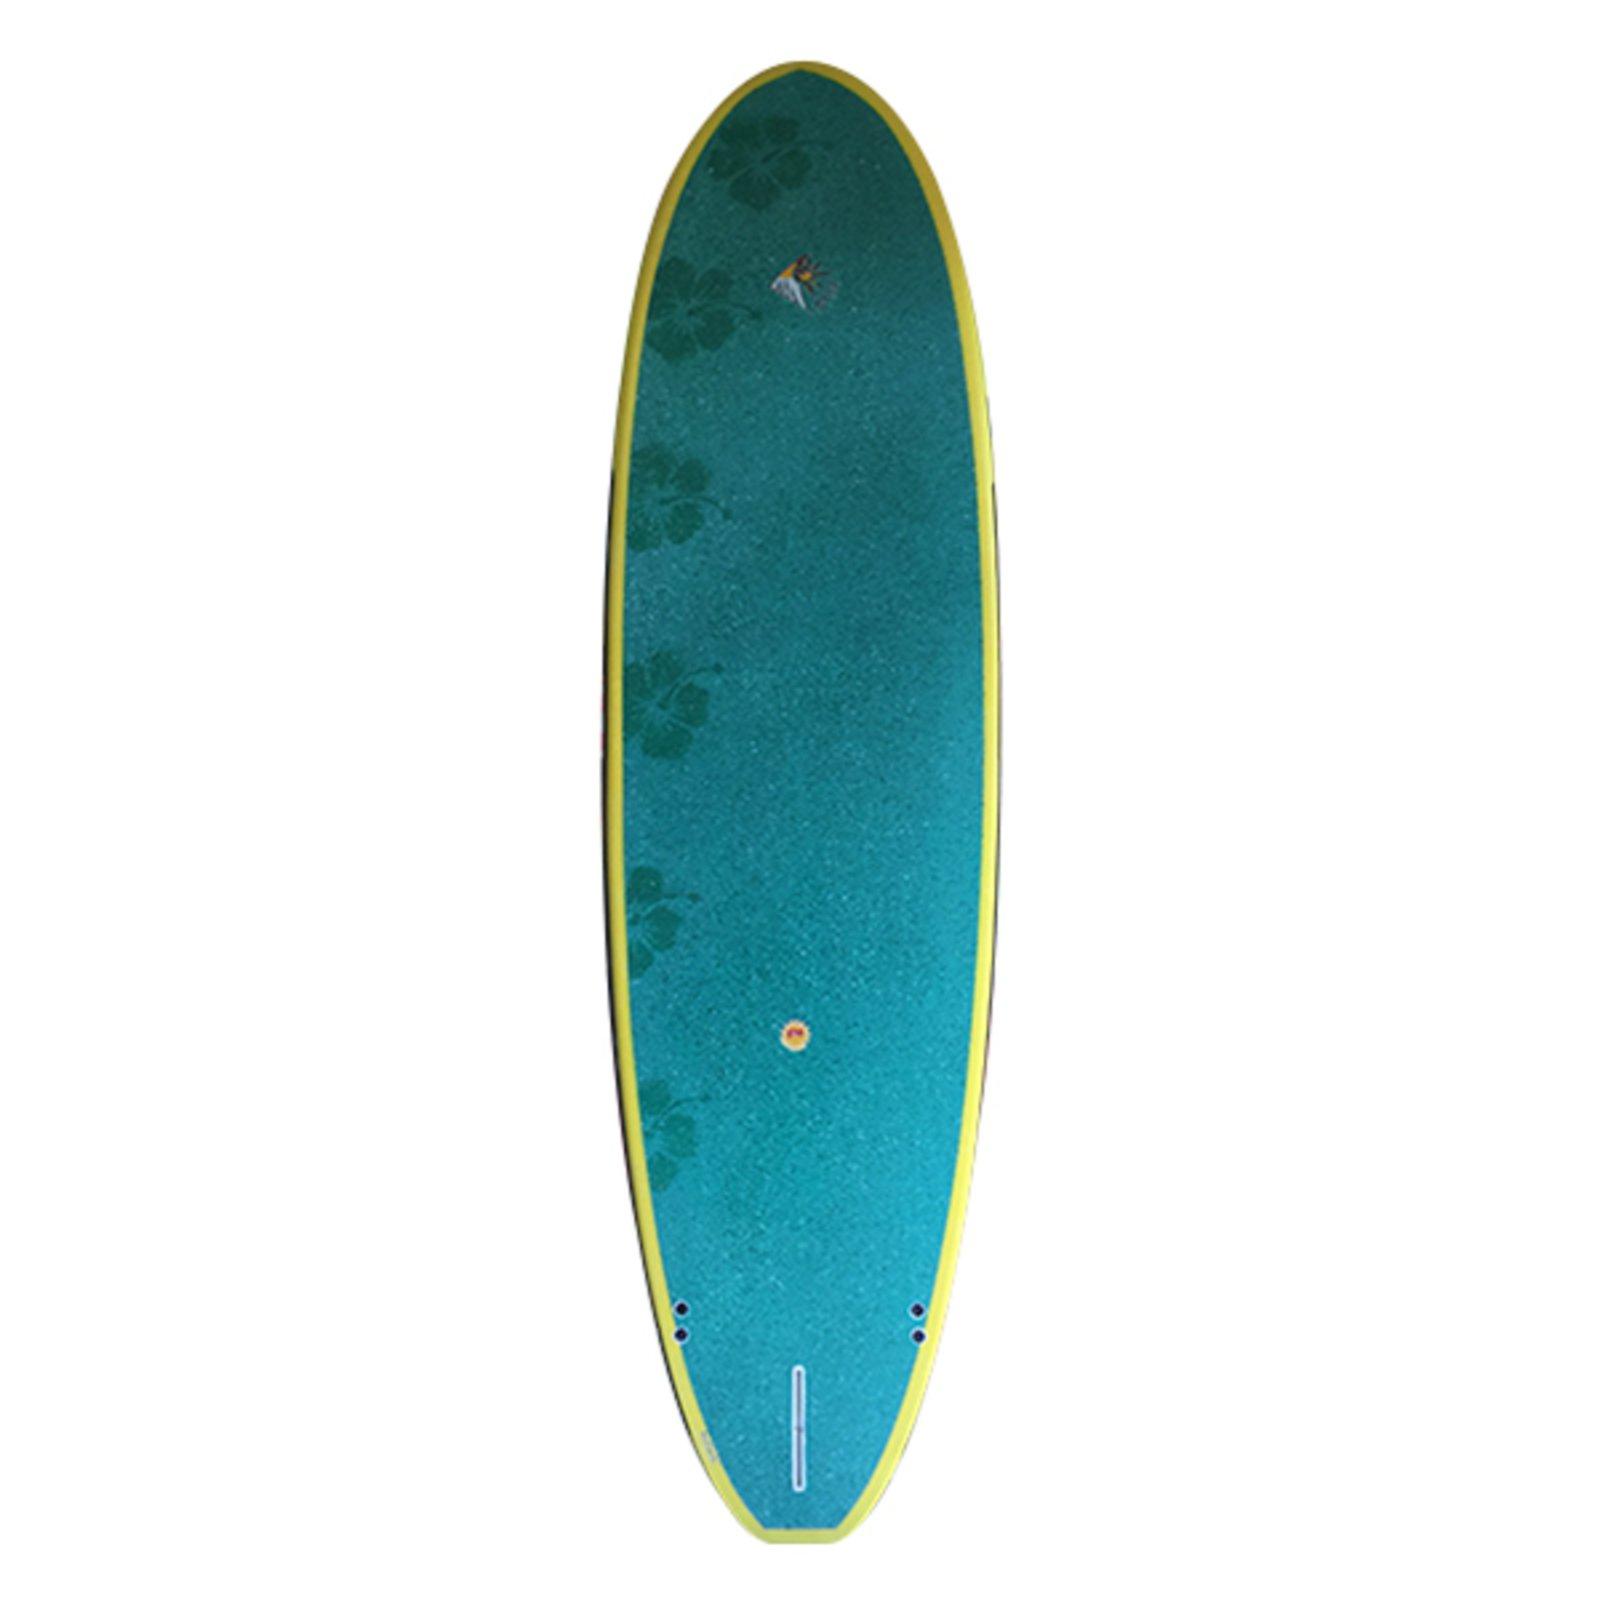 Prancha Fm Surf Stand Up Paddle Remada Nanook - Compre Agora